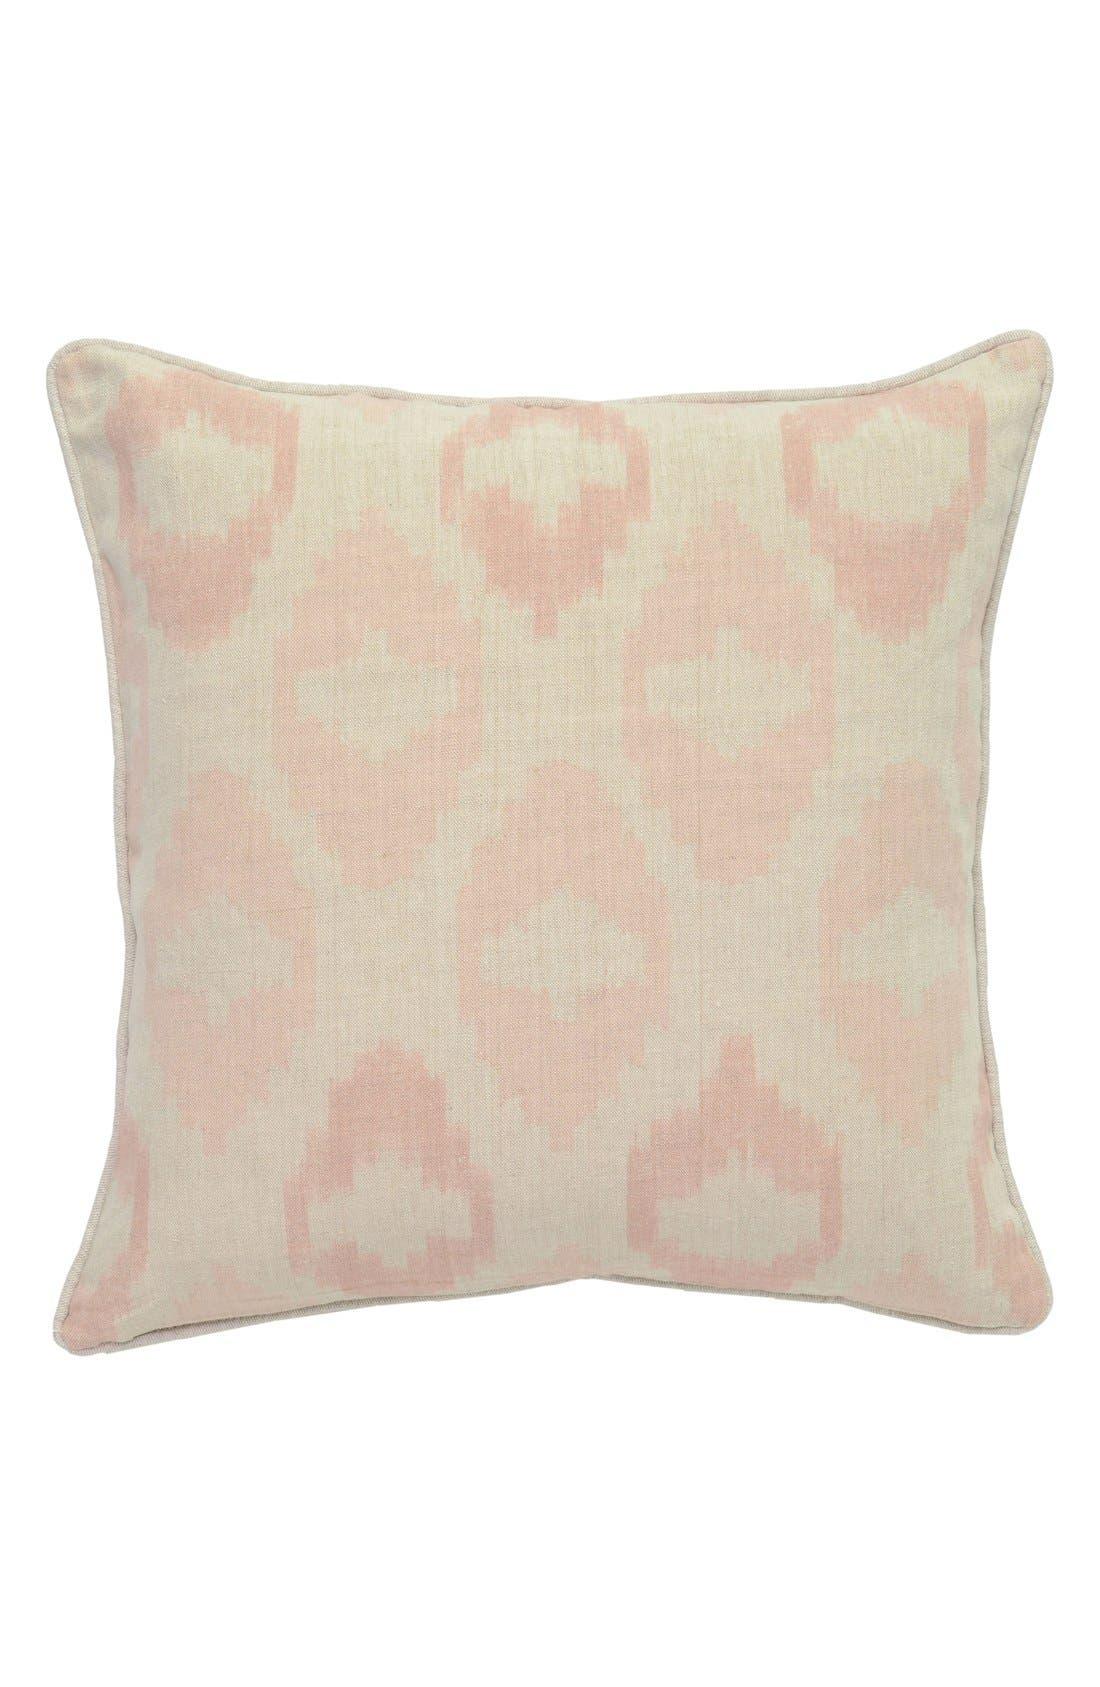 Fae Accent Pillow,                             Alternate thumbnail 2, color,                             BEIGE/ BLUSH